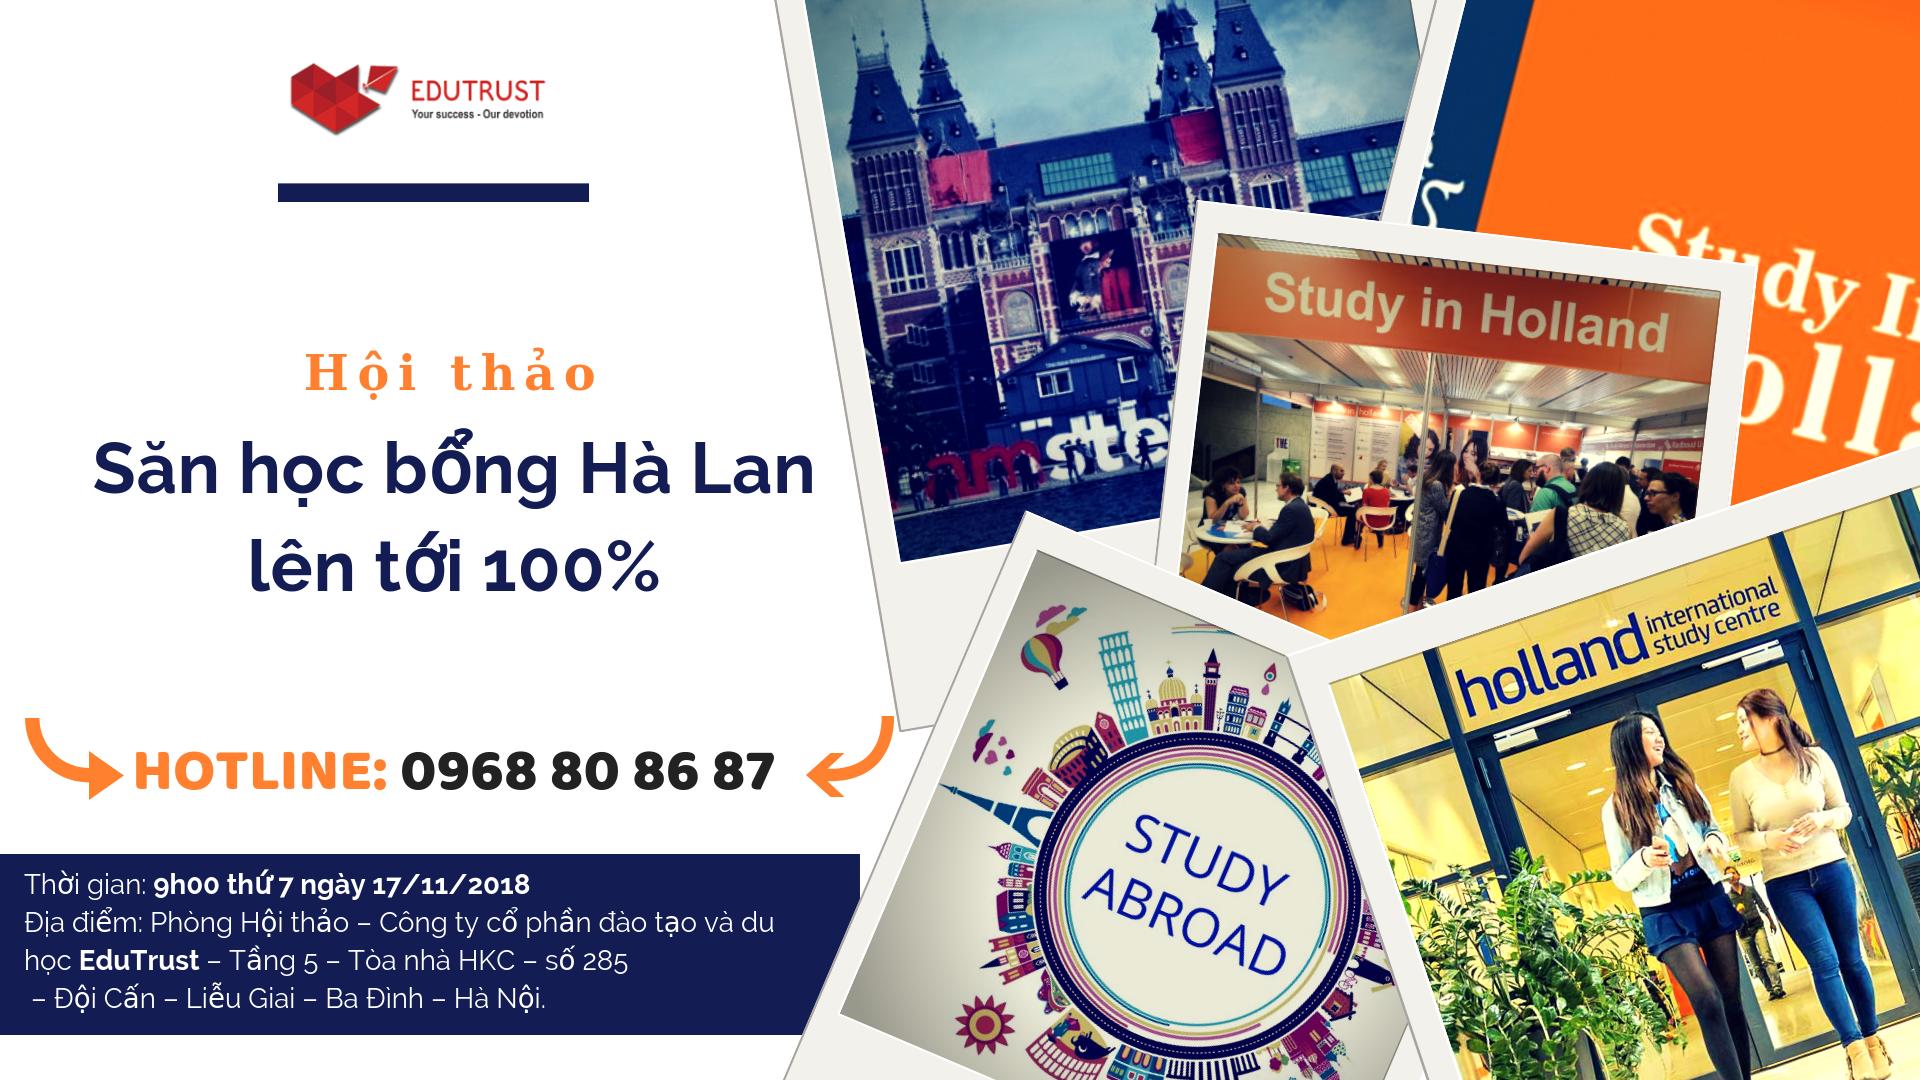 Săn học bổng du học Hà Lan lên tới 100%